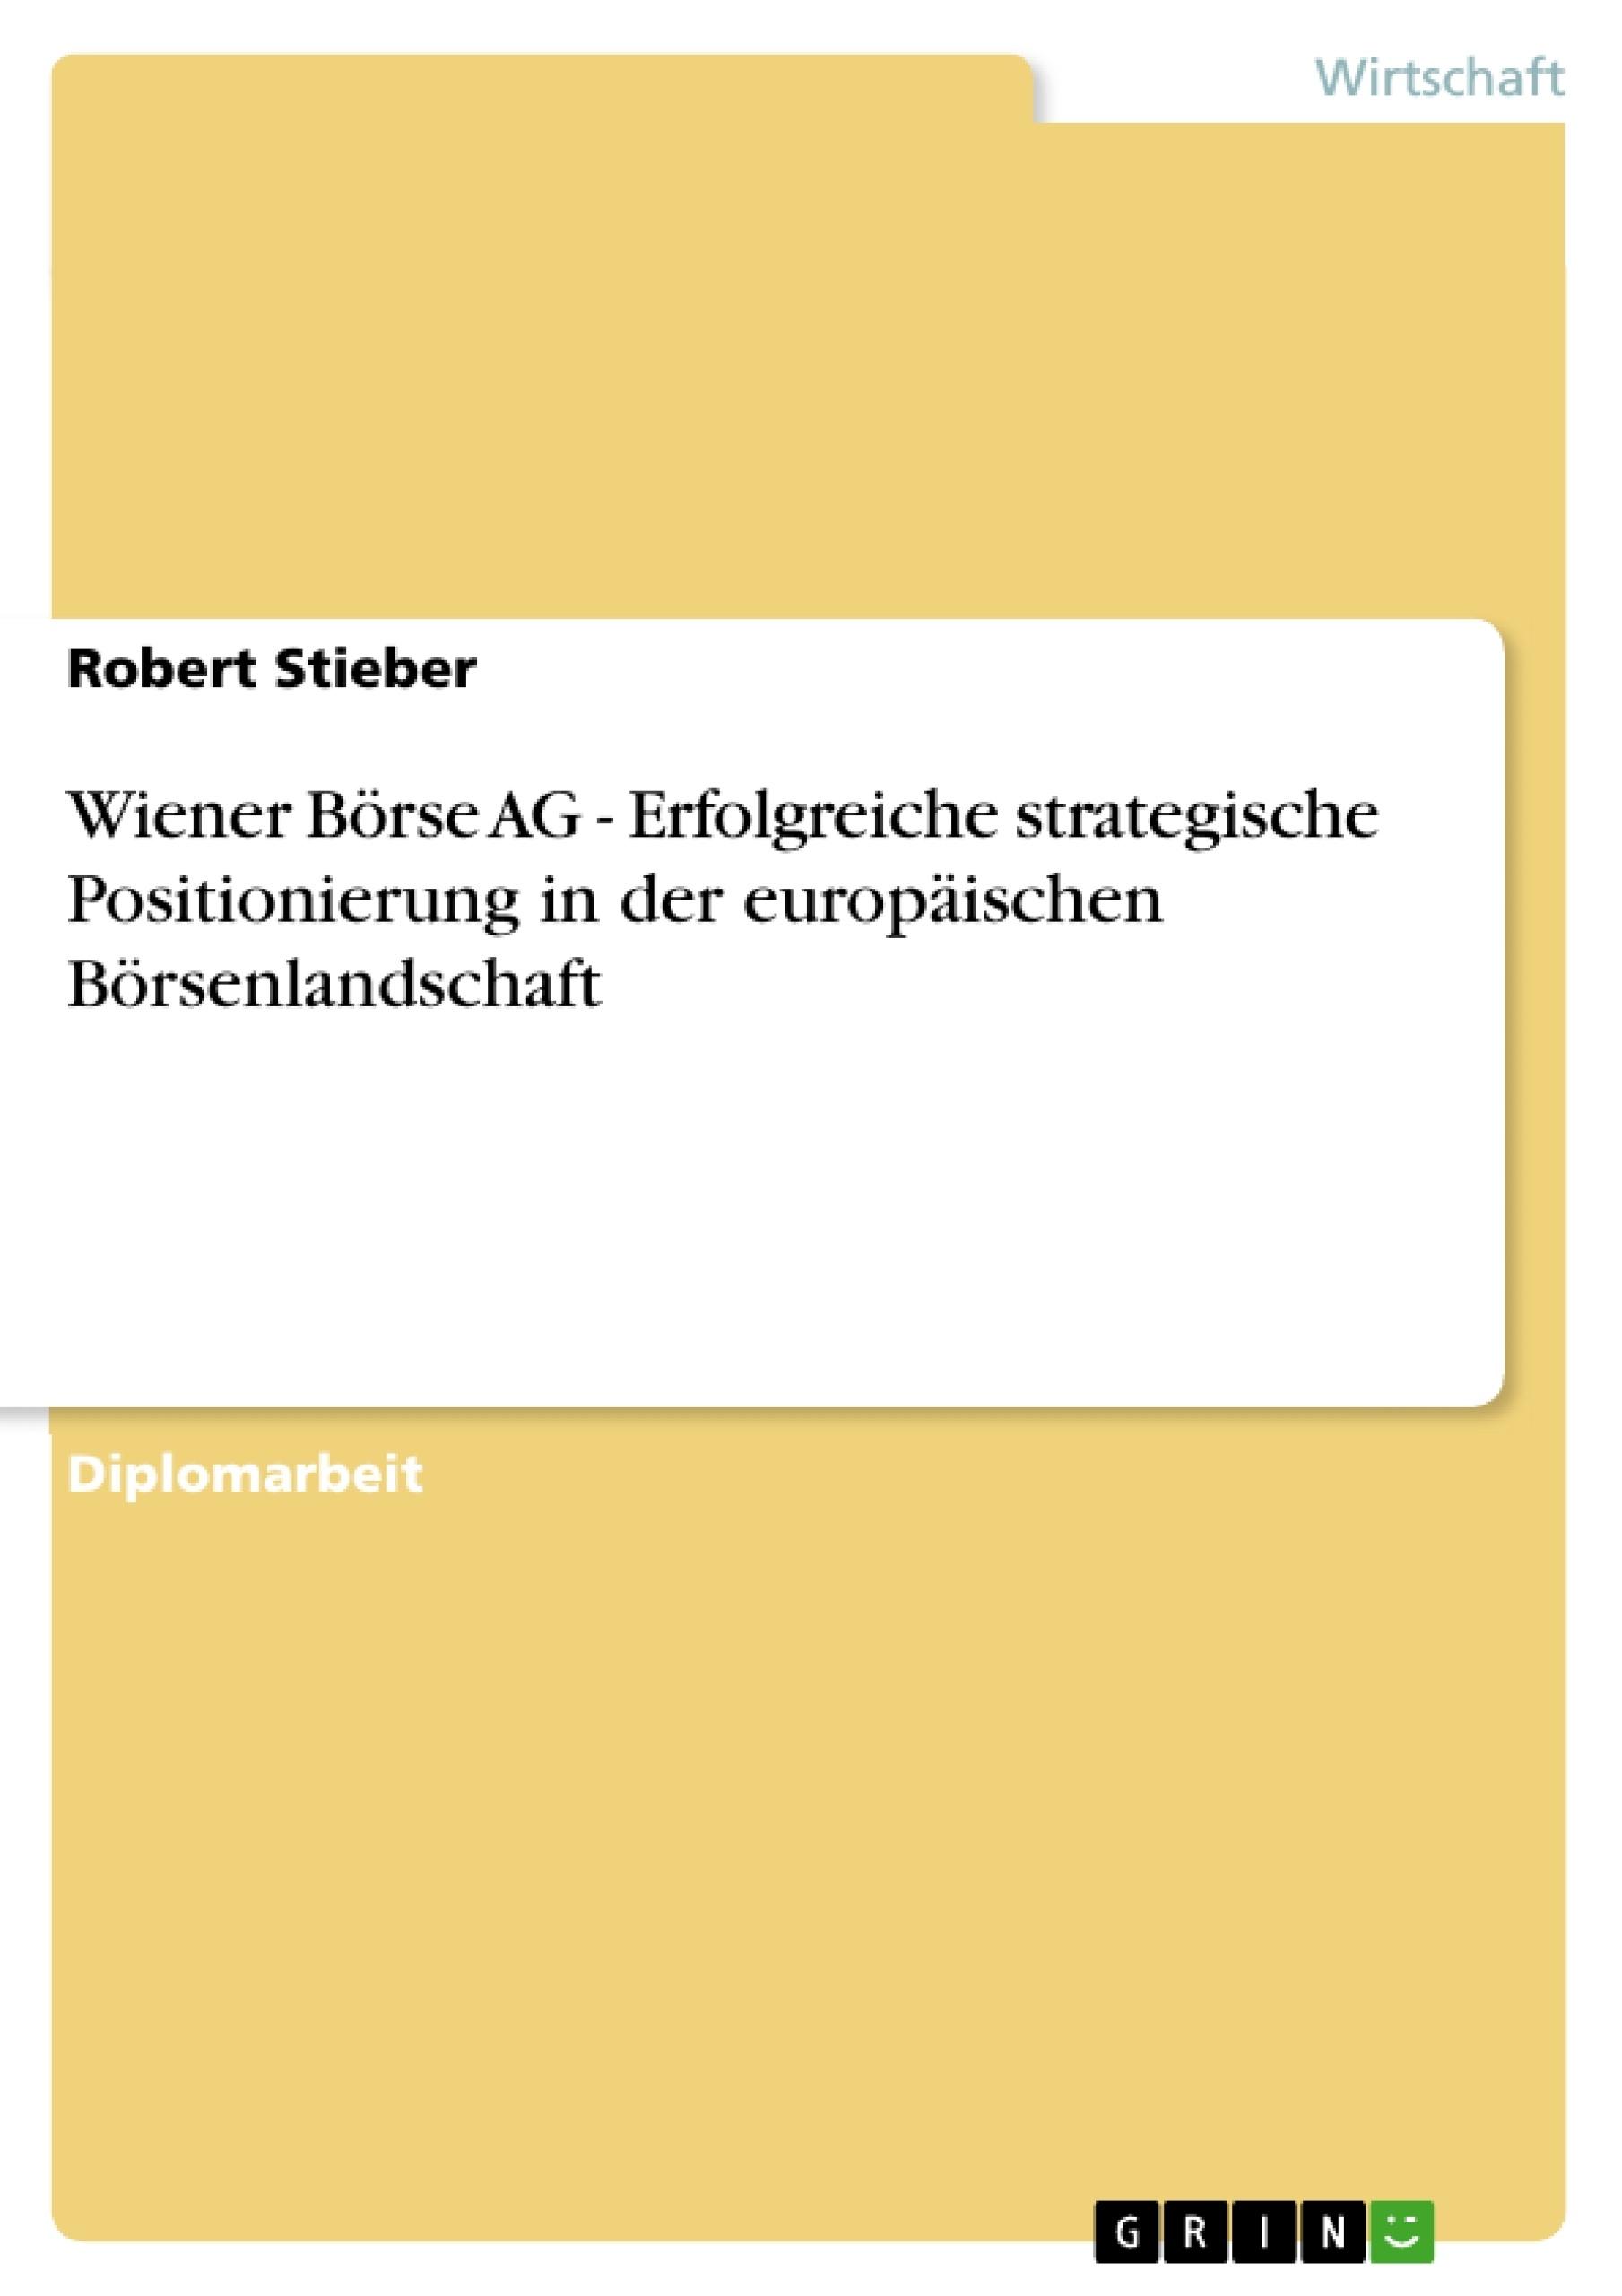 Titel: Wiener Börse AG - Erfolgreiche strategische Positionierung in der europäischen Börsenlandschaft